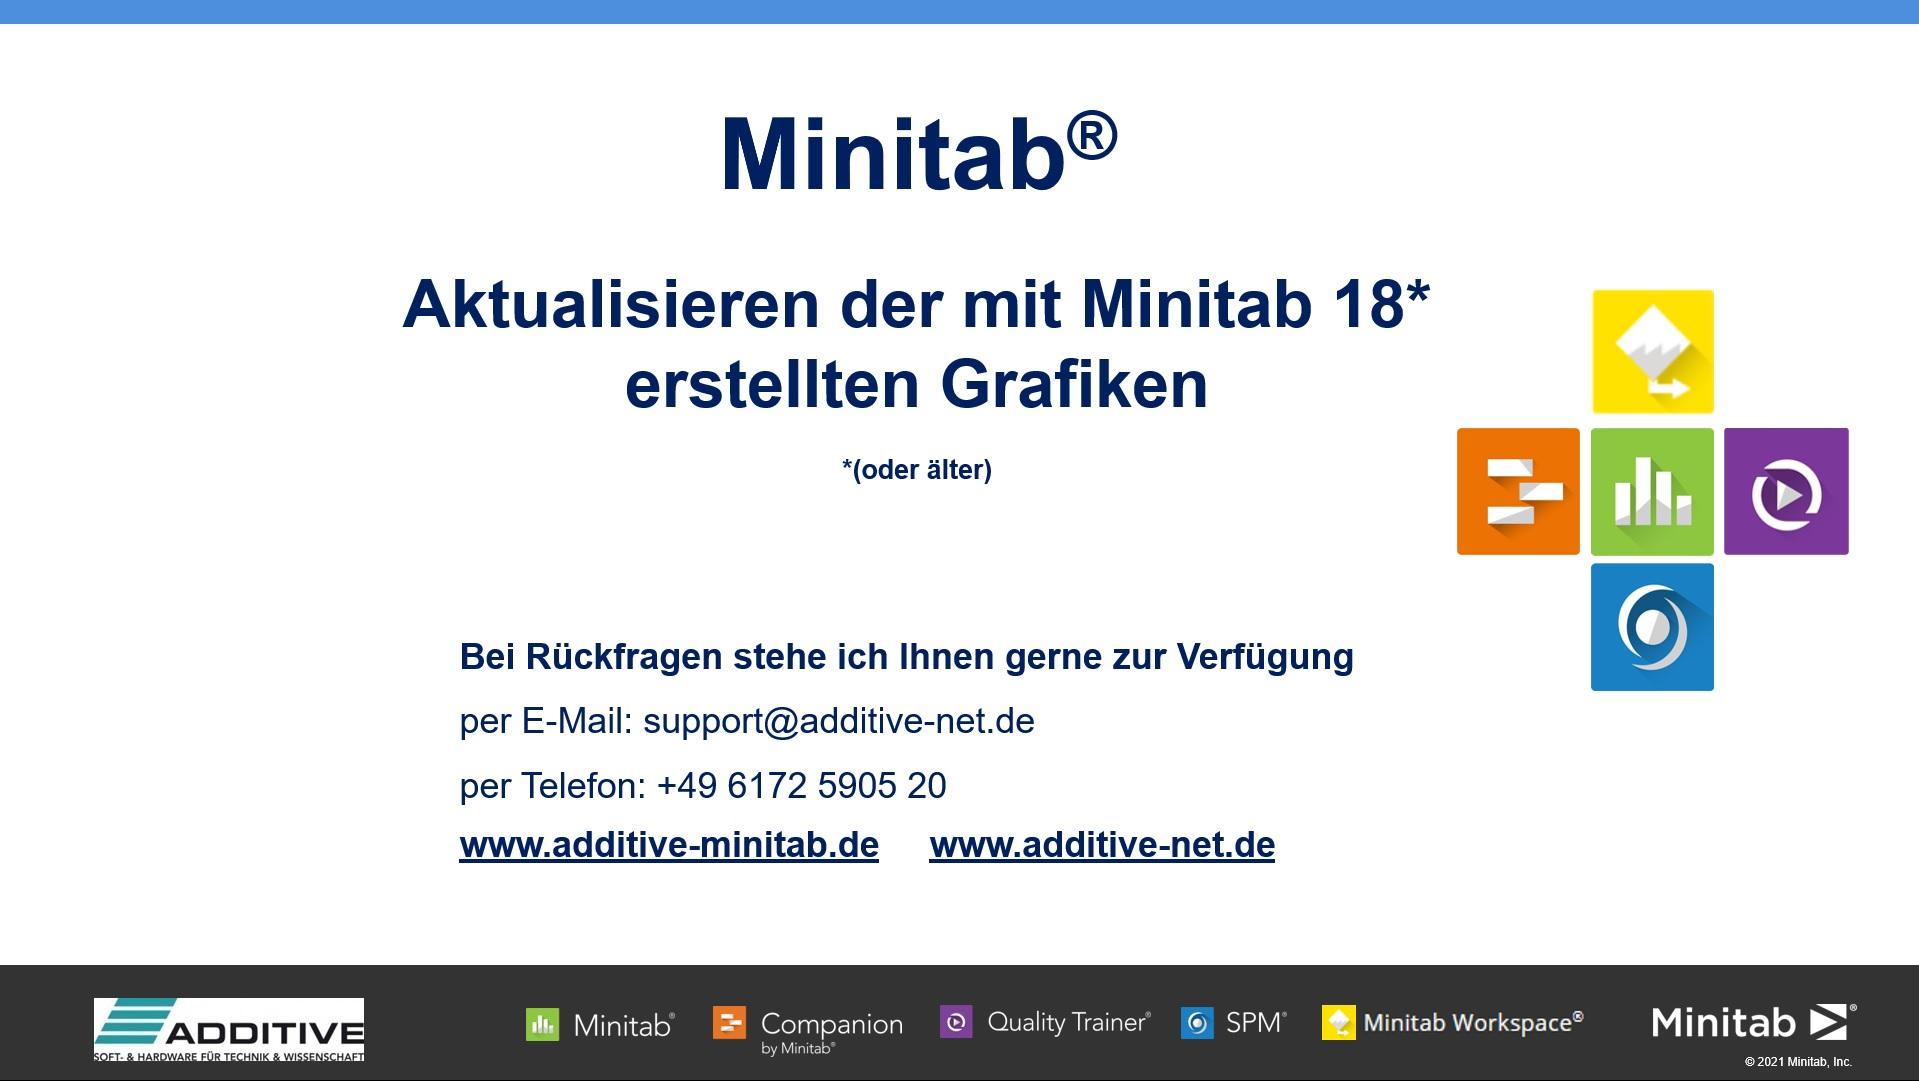 Minitab 20: Automatisches Aktualisieren der mit Minitab 18 erstellten Grafiken